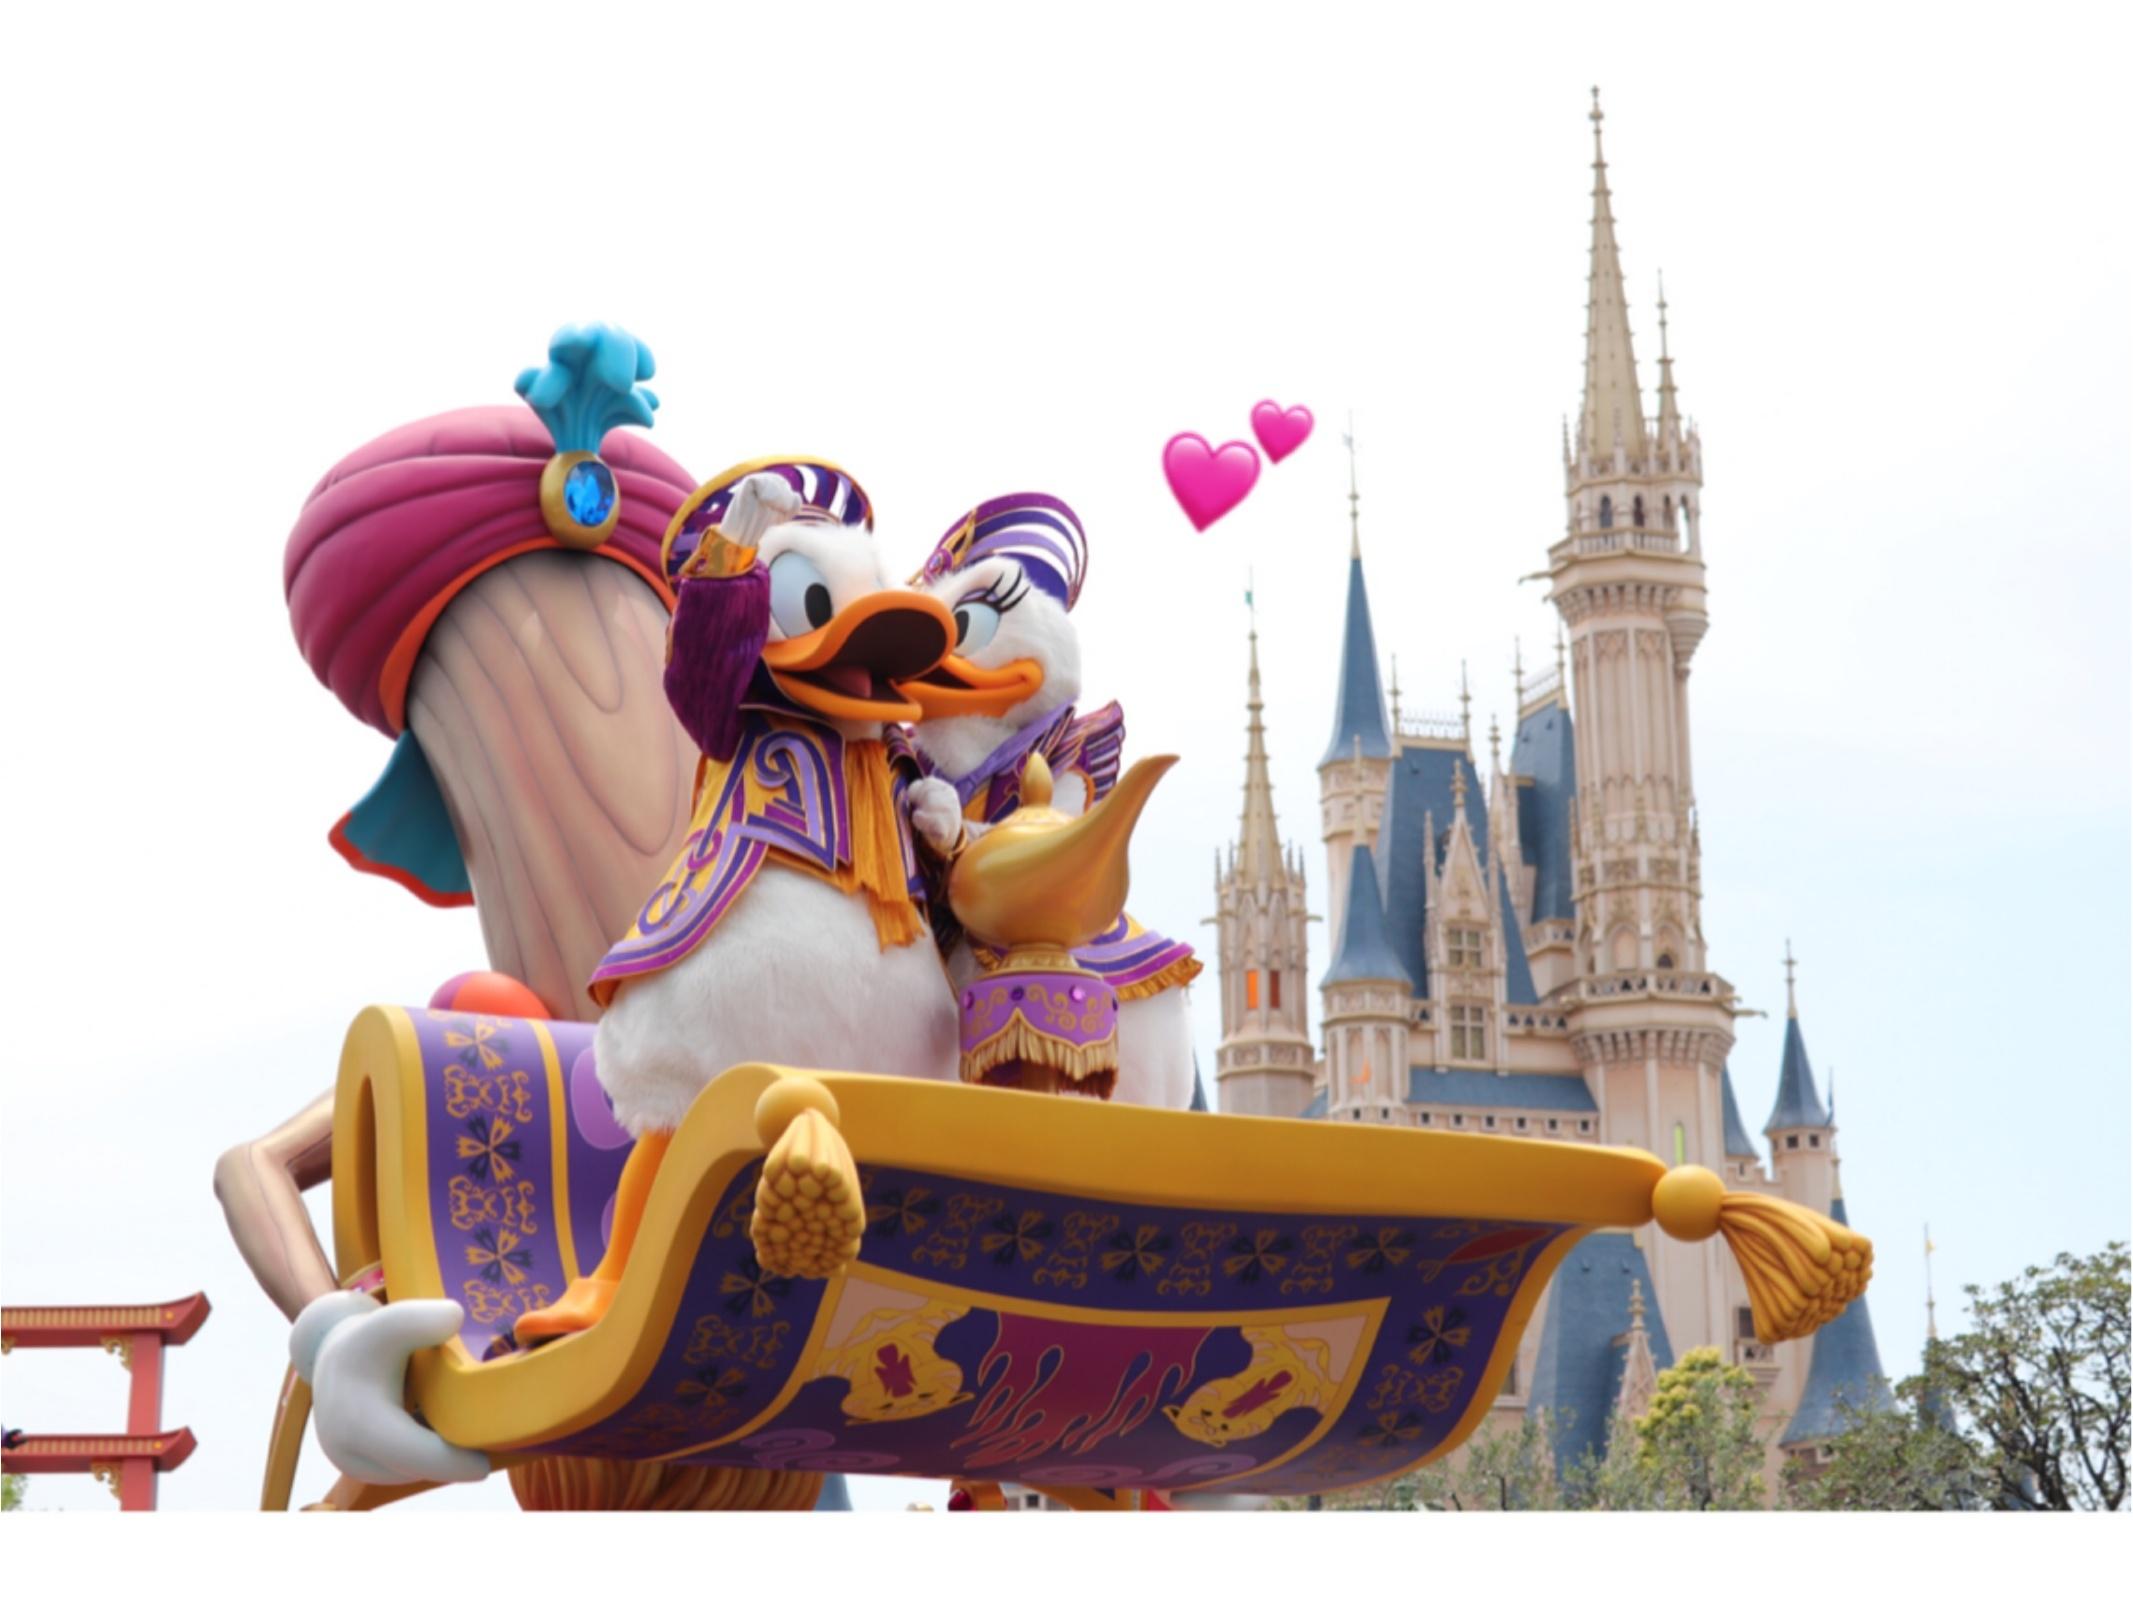 ▷【東京ディズニーランド35周年】Newパレード「ドリーミング・アップ!」がとにかく凄い!!_21